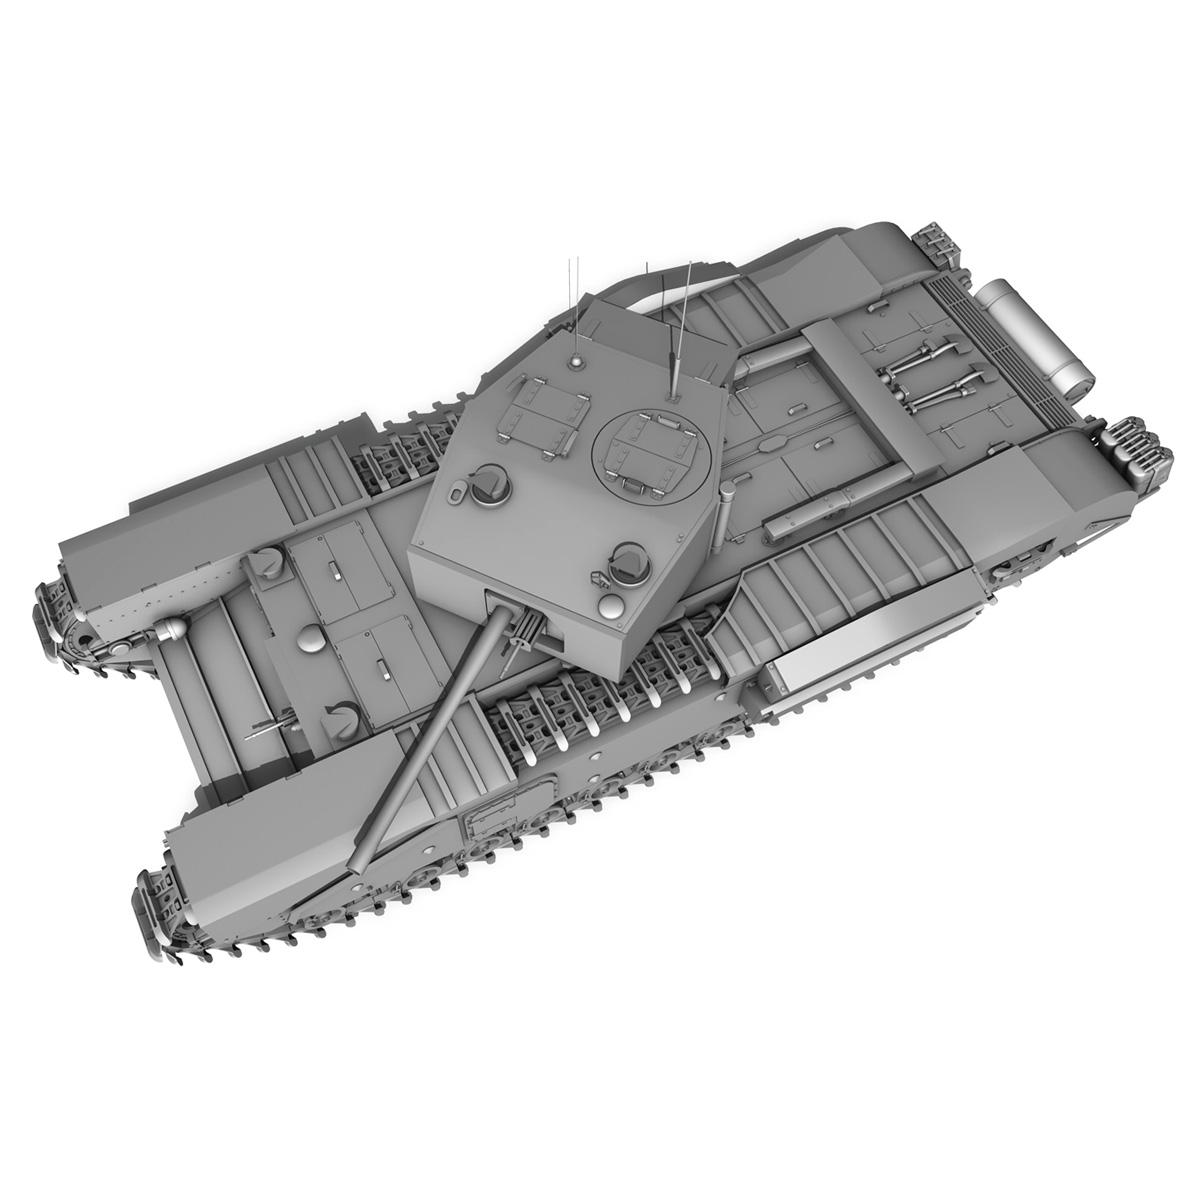 churchill infantry tank mk.iii 3d model 3ds fbx c4d lwo obj 271963